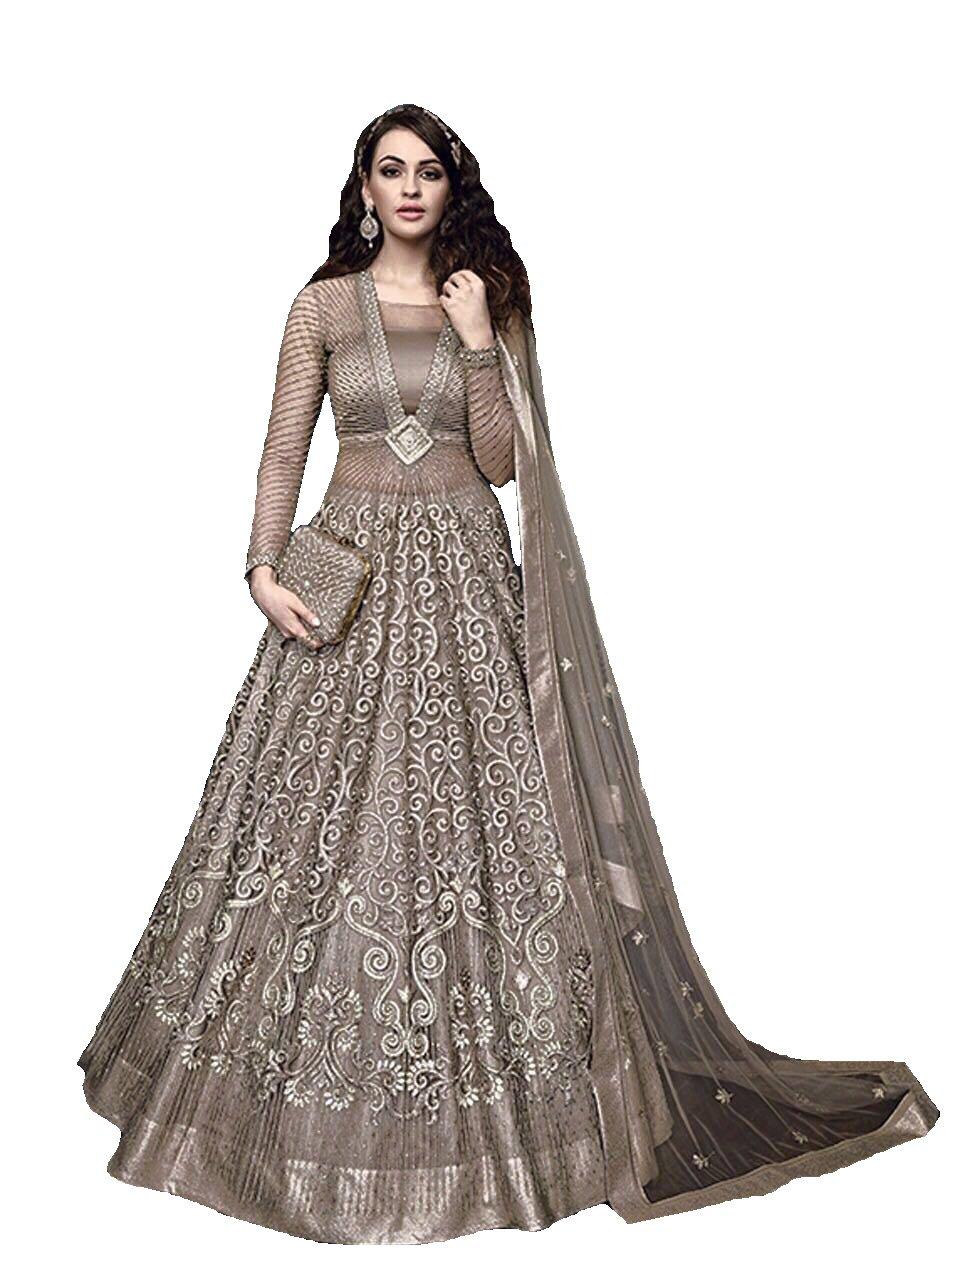 Delisa Ready Made Designer Indian Wear Anarkali Suit Party Wear Zoya 3 (Grey, XL-44)